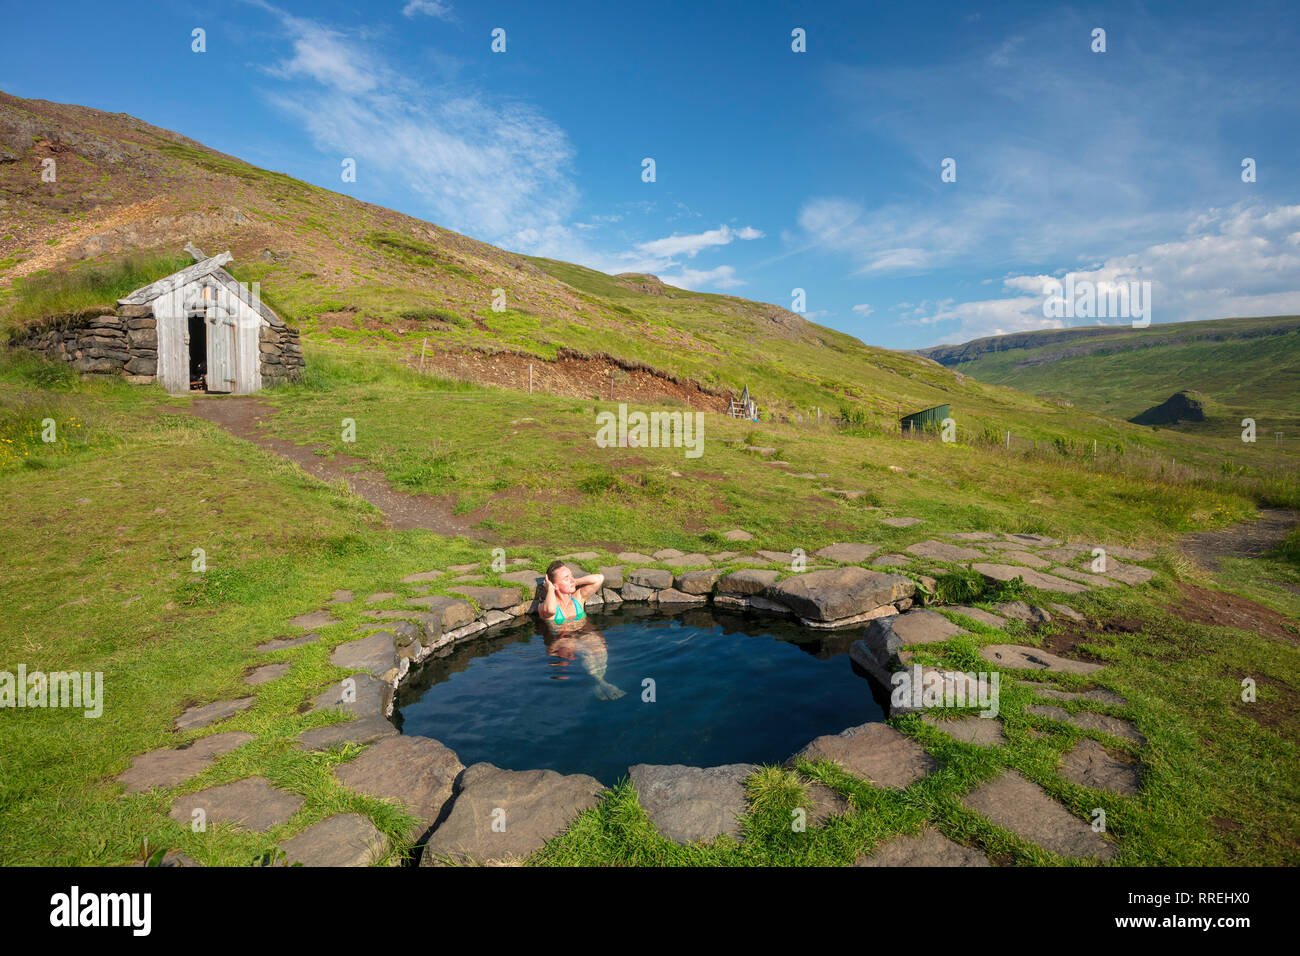 Woman bathing in Gudrunarlaug piscine géothermique. Laugar, Islande de l'ouest, Sælingsdalur. Banque D'Images